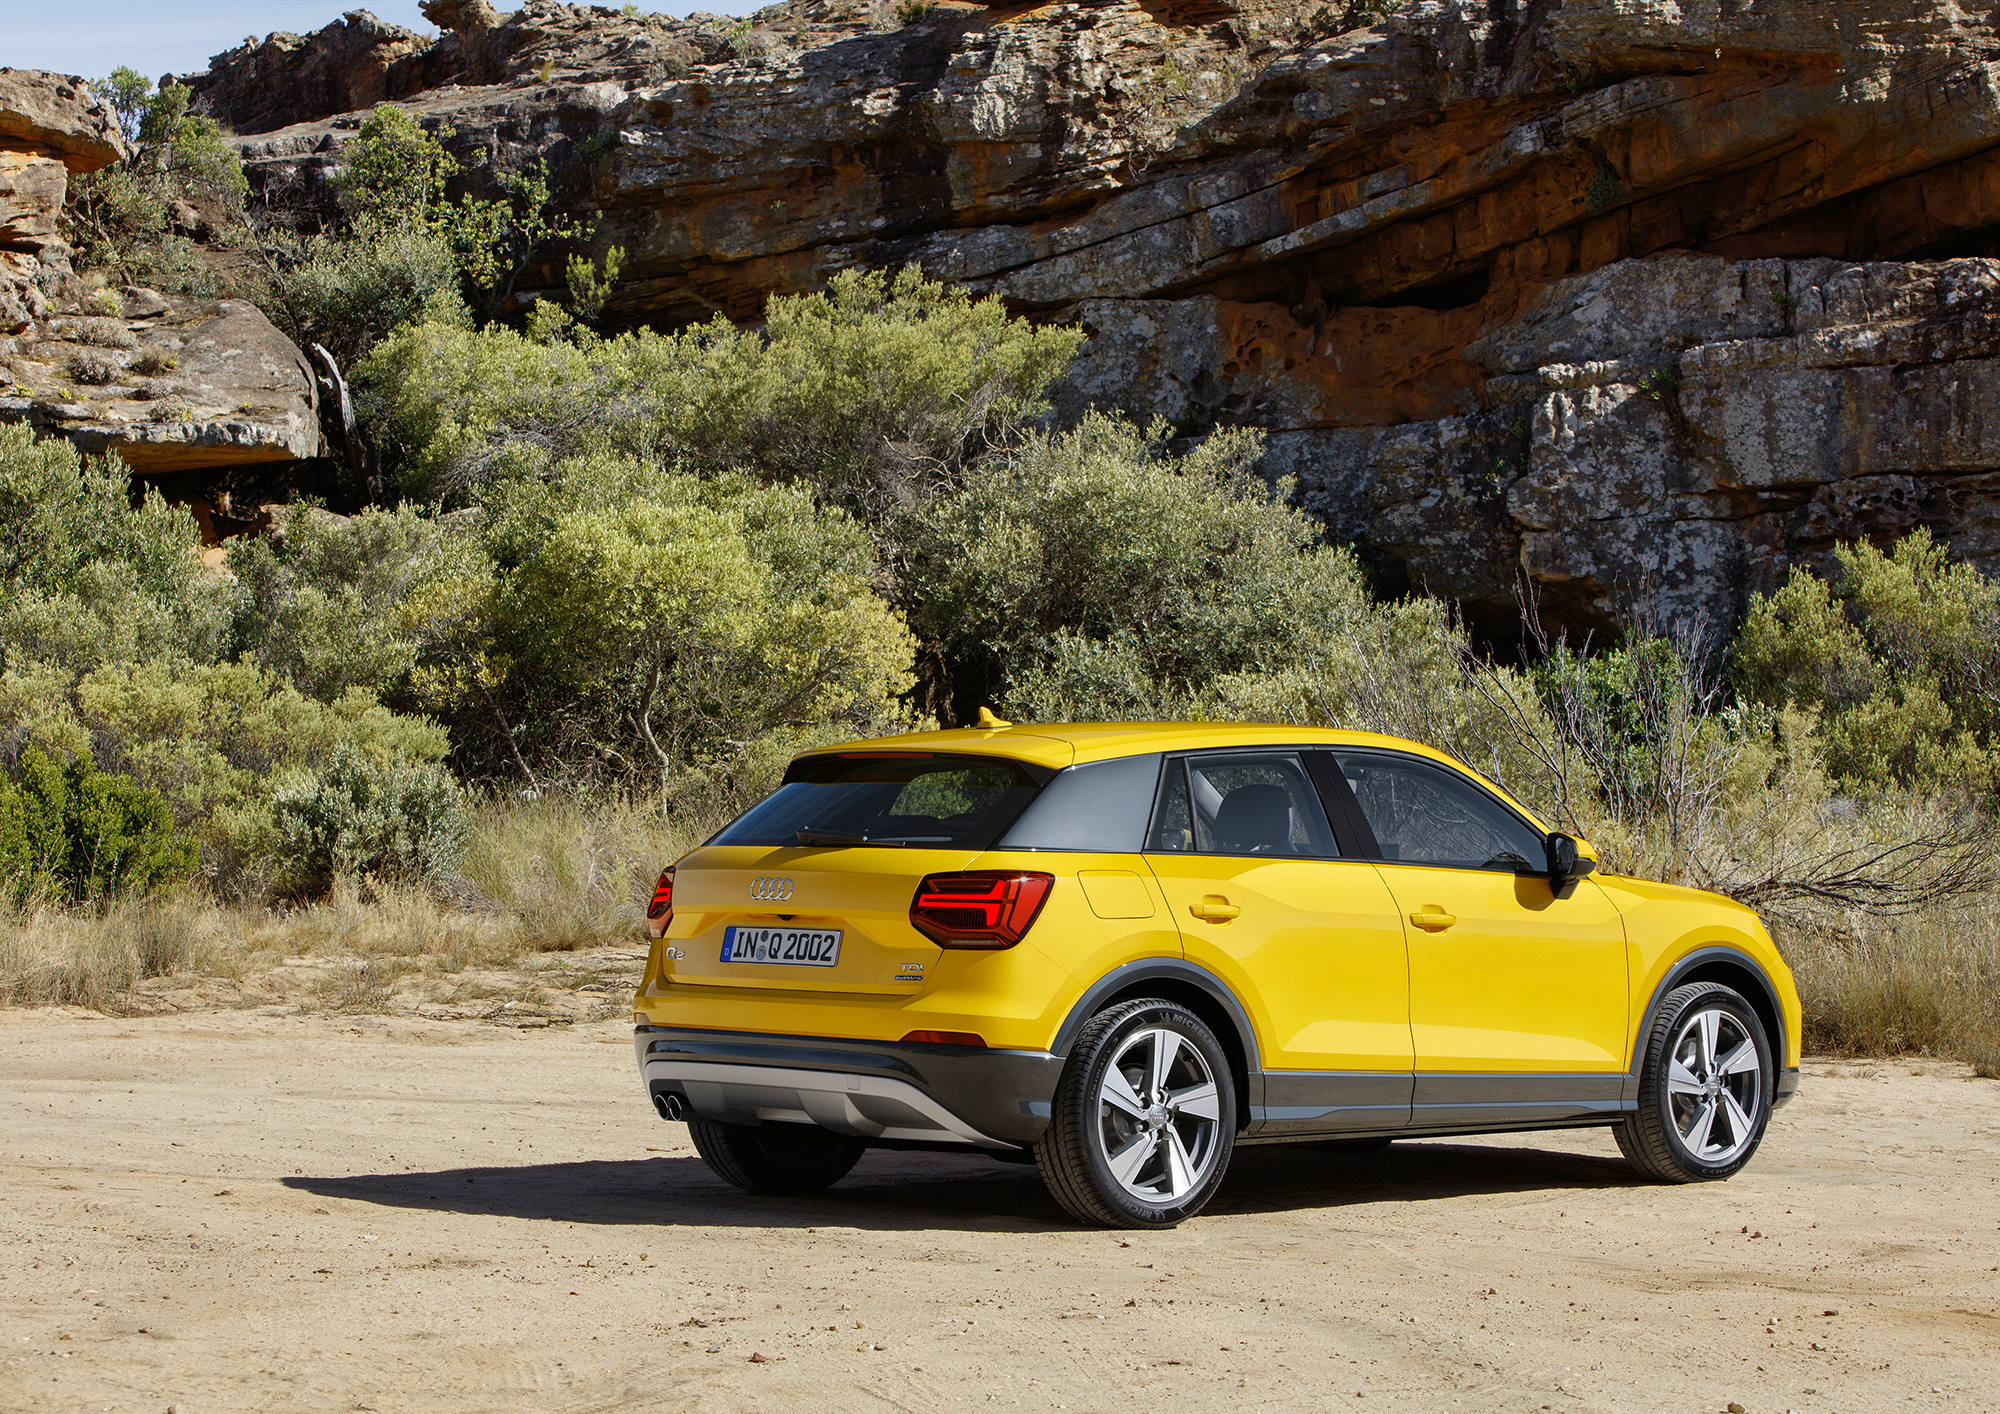 Audi Q2 Pictures